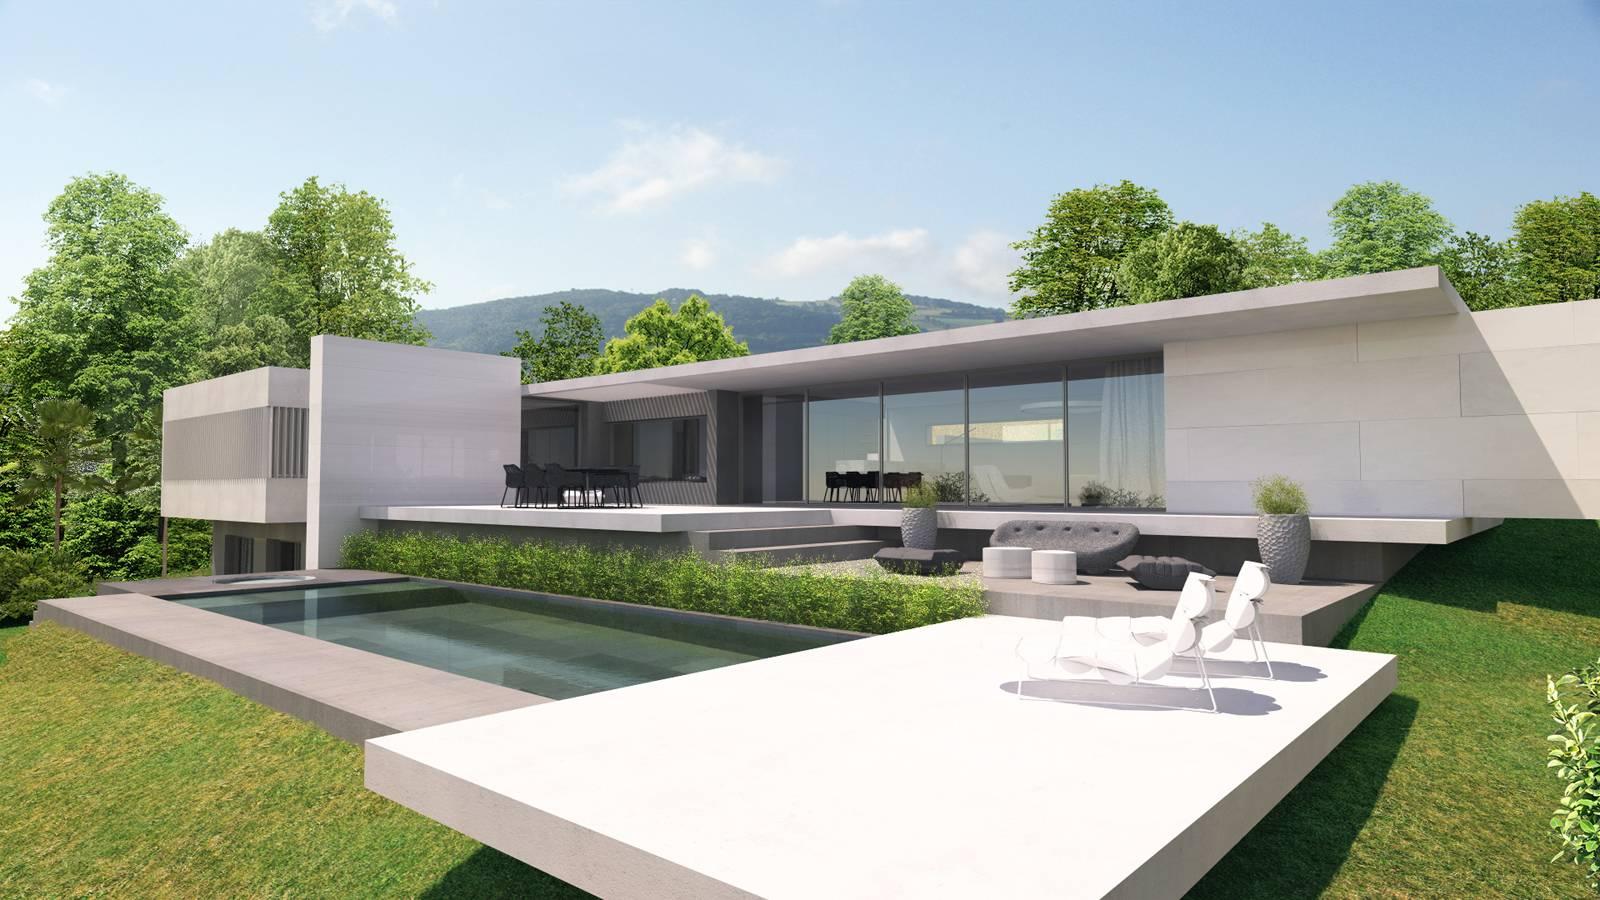 Parfait Maison d'architecte moderne g près de Lyon - Architecte - a2-Sb XH45